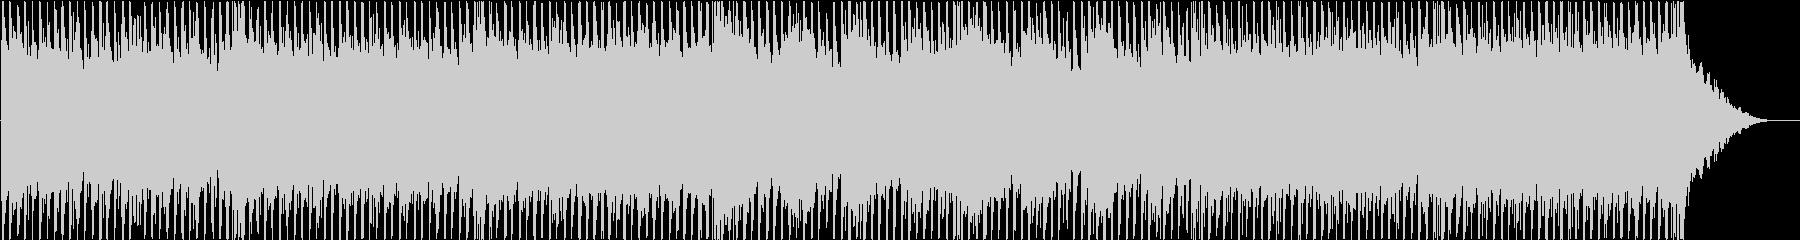 コーポレート、ポップロックの未再生の波形